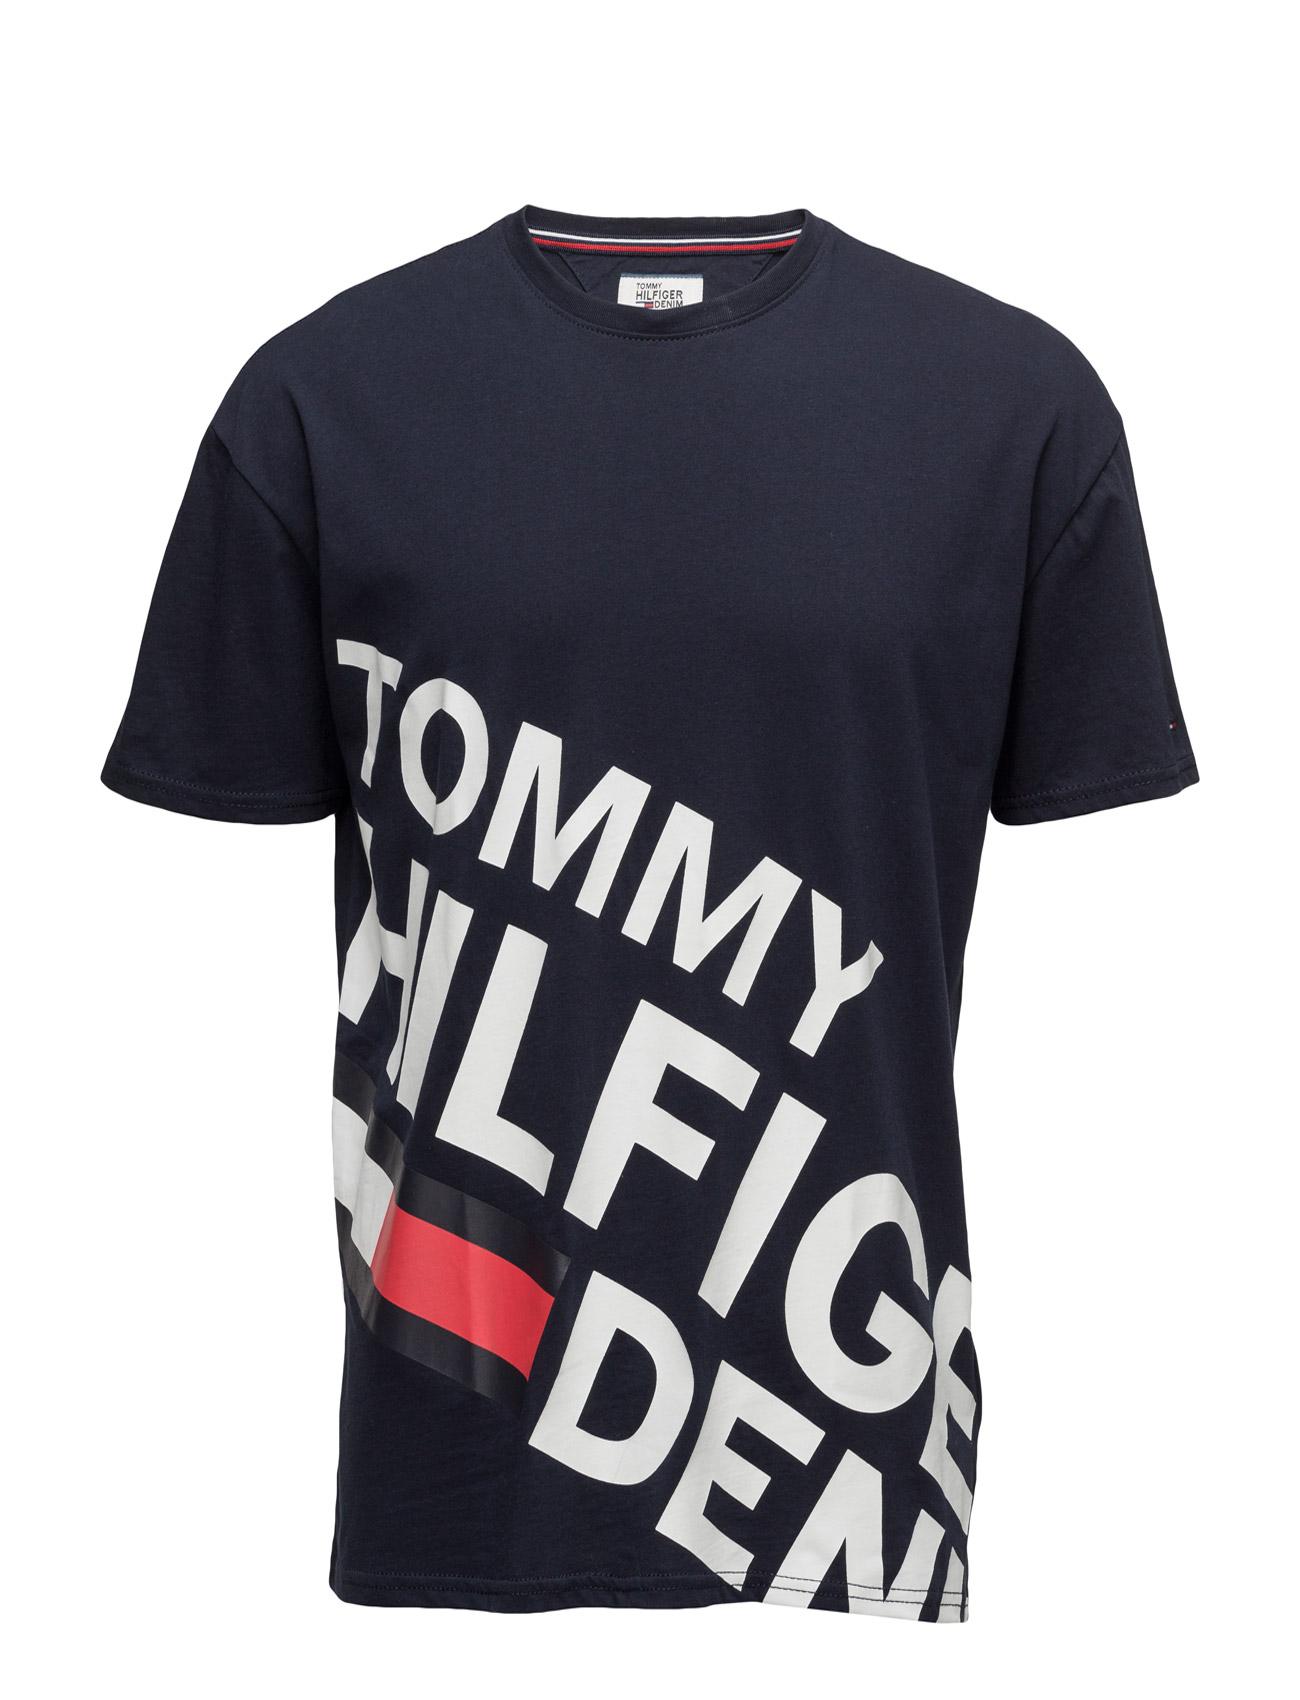 Thdm Basic Cn T-Shirt S/S 13 Hilfiger Denim Kortærmede til Herrer i Blå